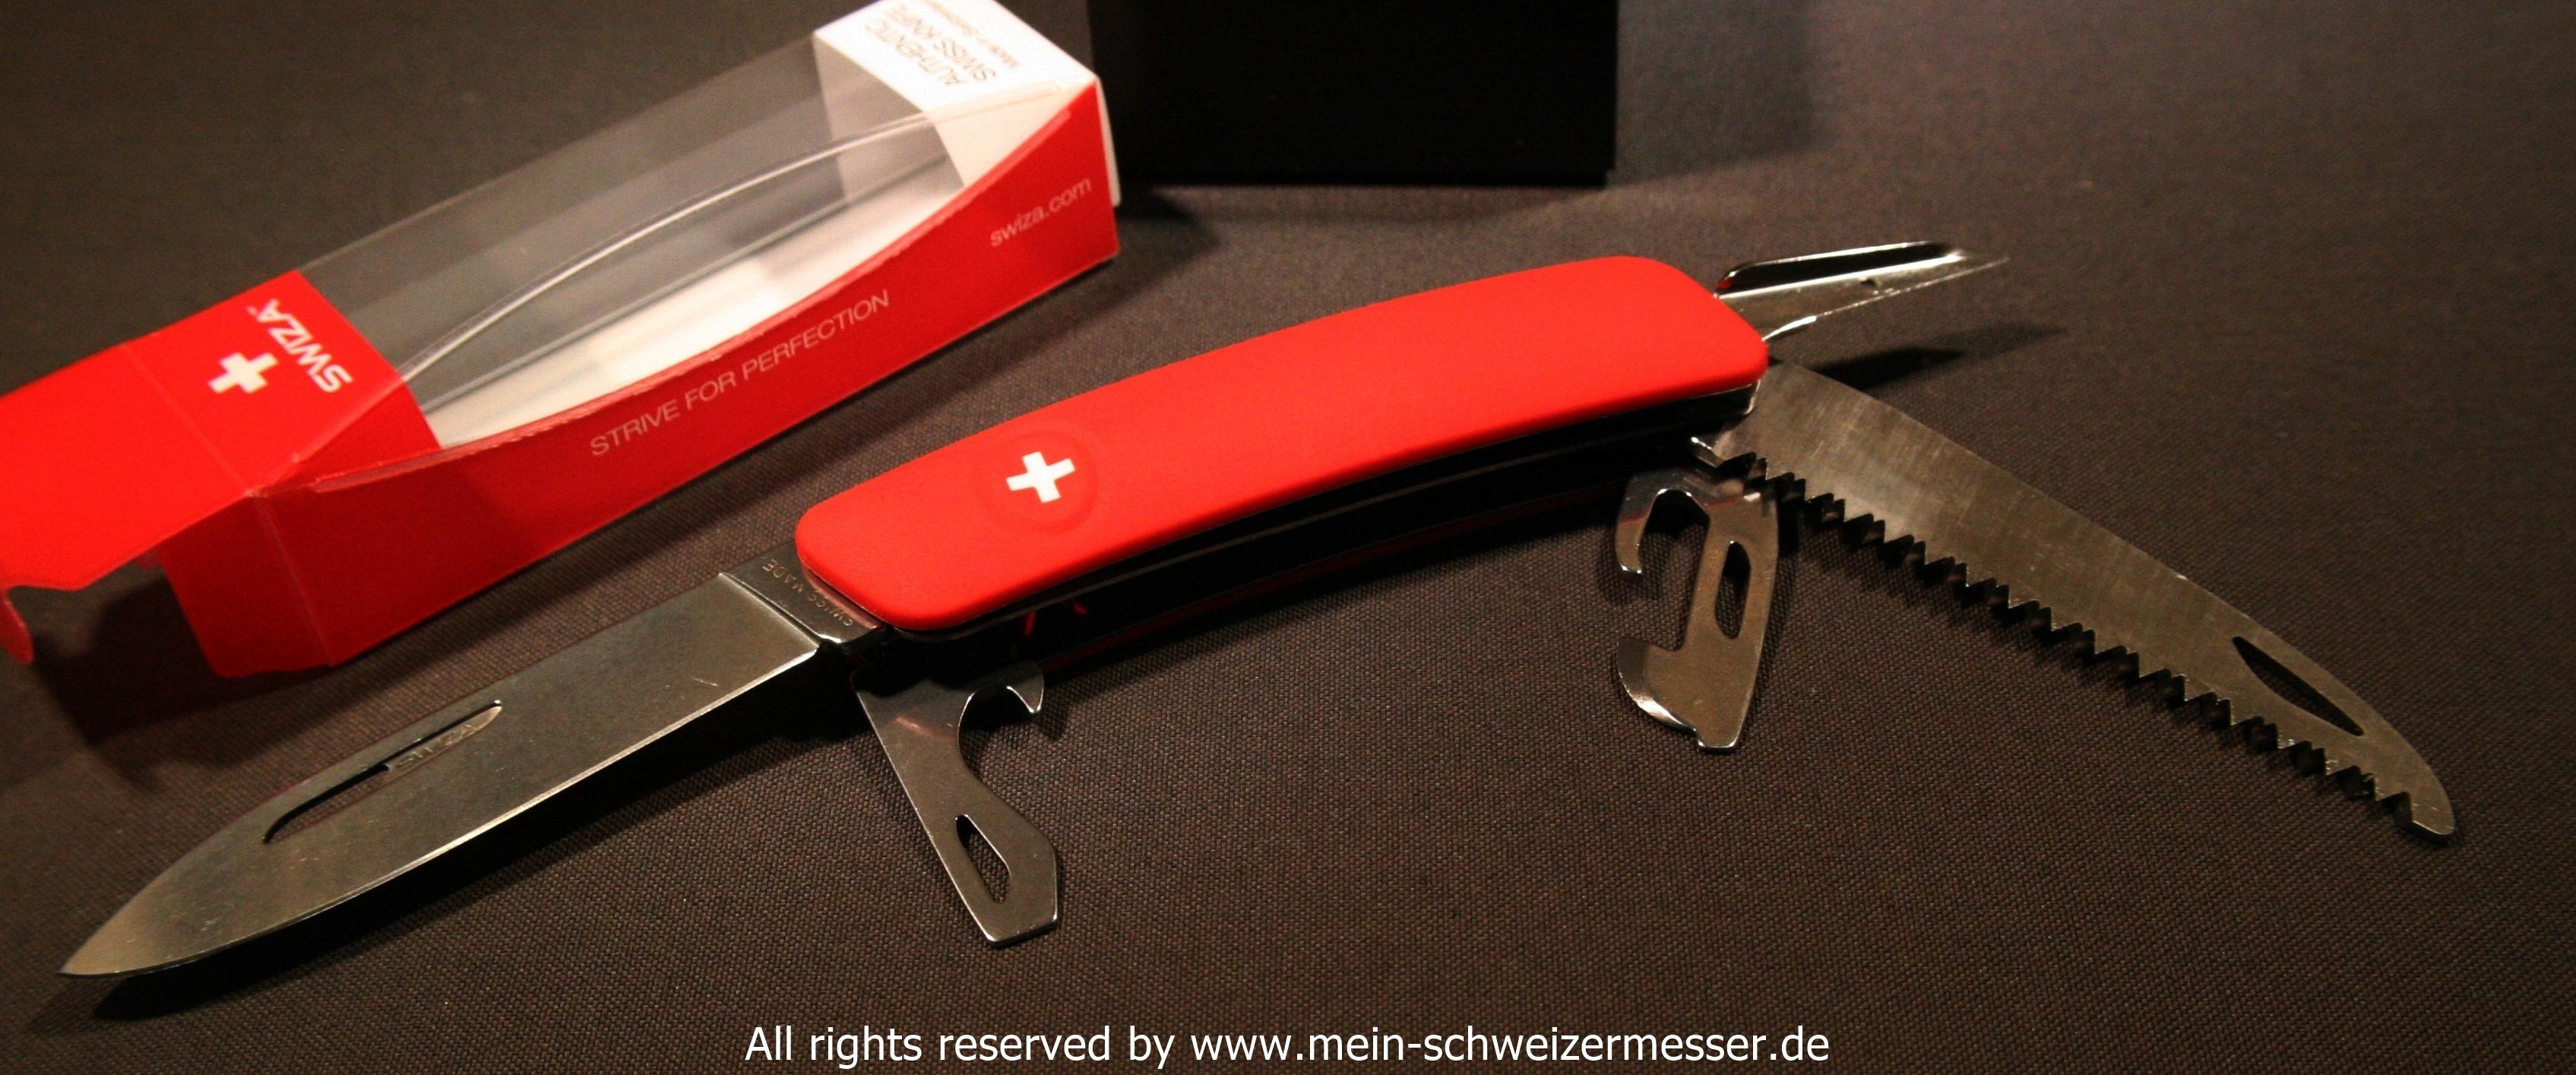 mein schweizermesser schweizer taschenmesser swiza d05. Black Bedroom Furniture Sets. Home Design Ideas